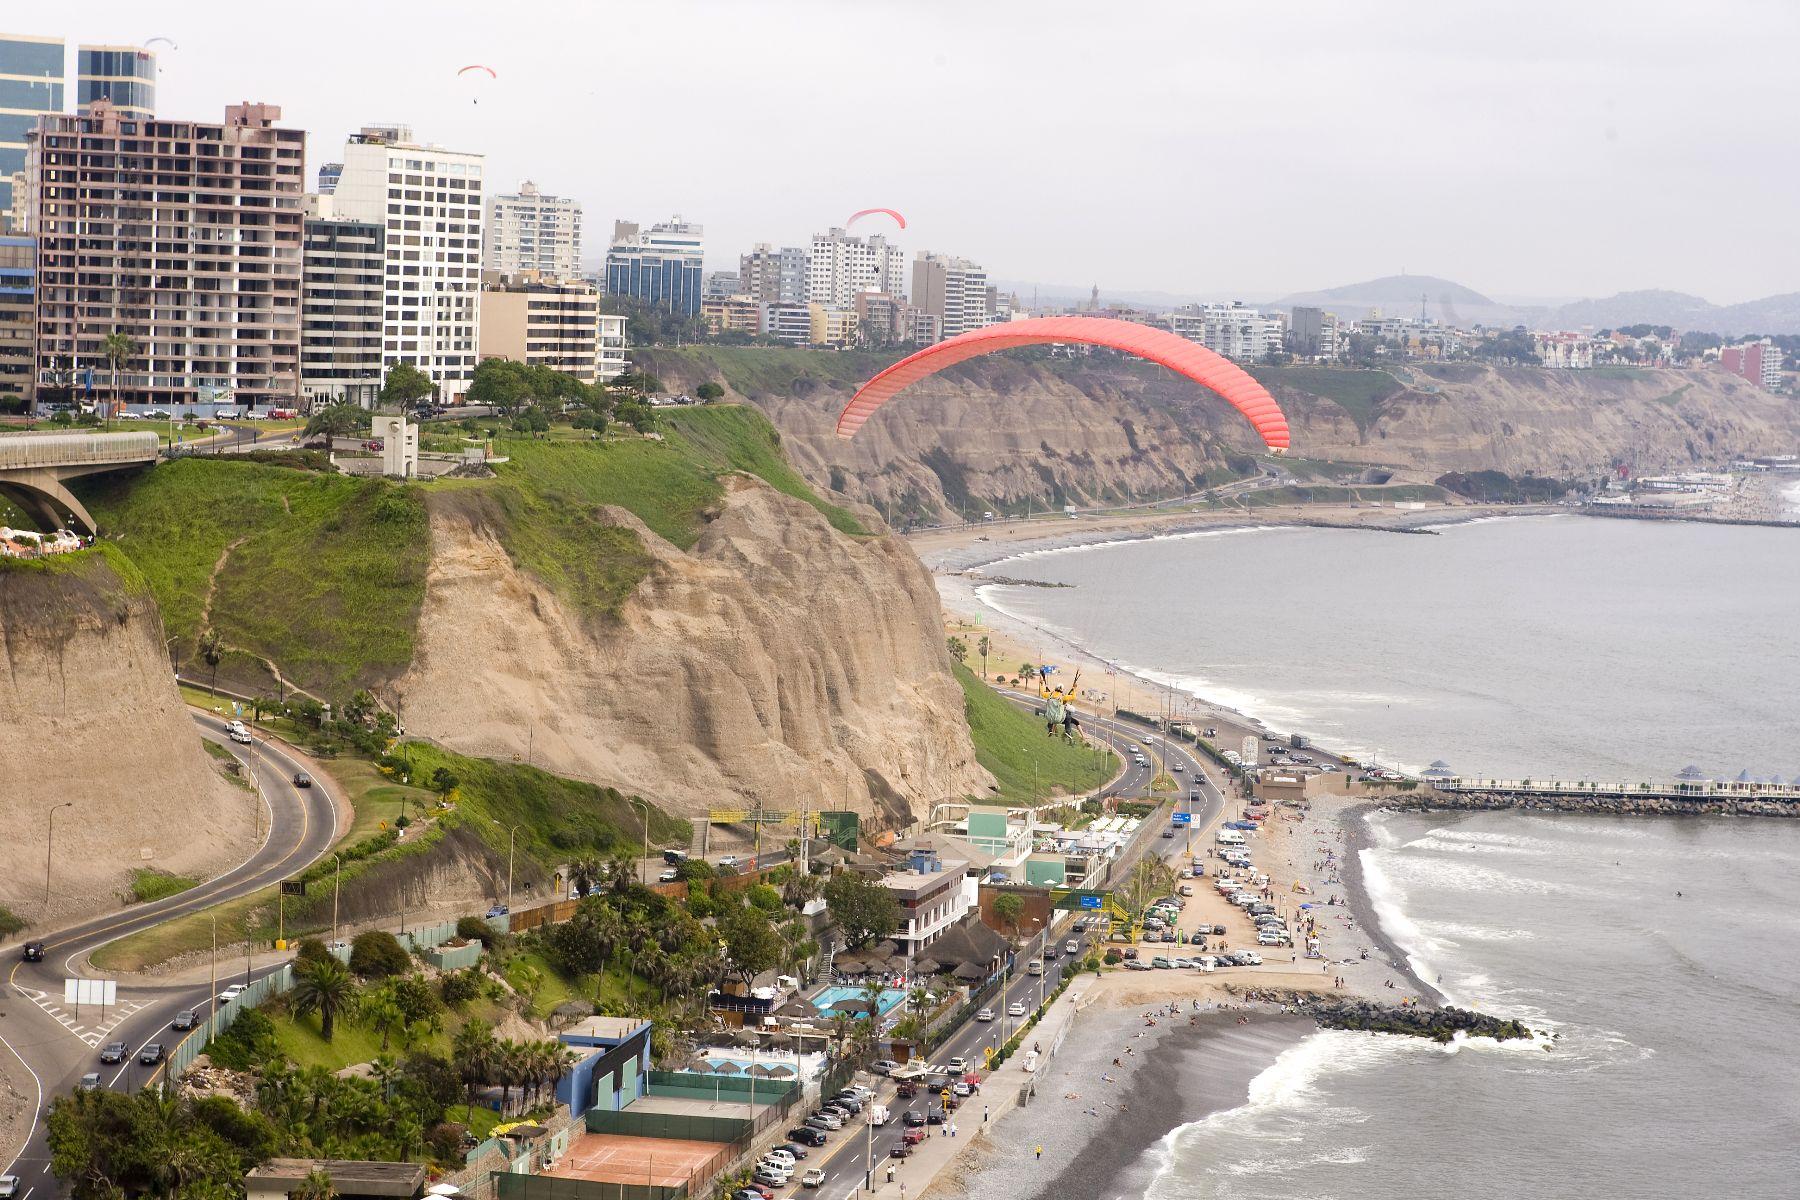 Otoño se inicia y prevén temperaturas más frías en estas zonas — Perú